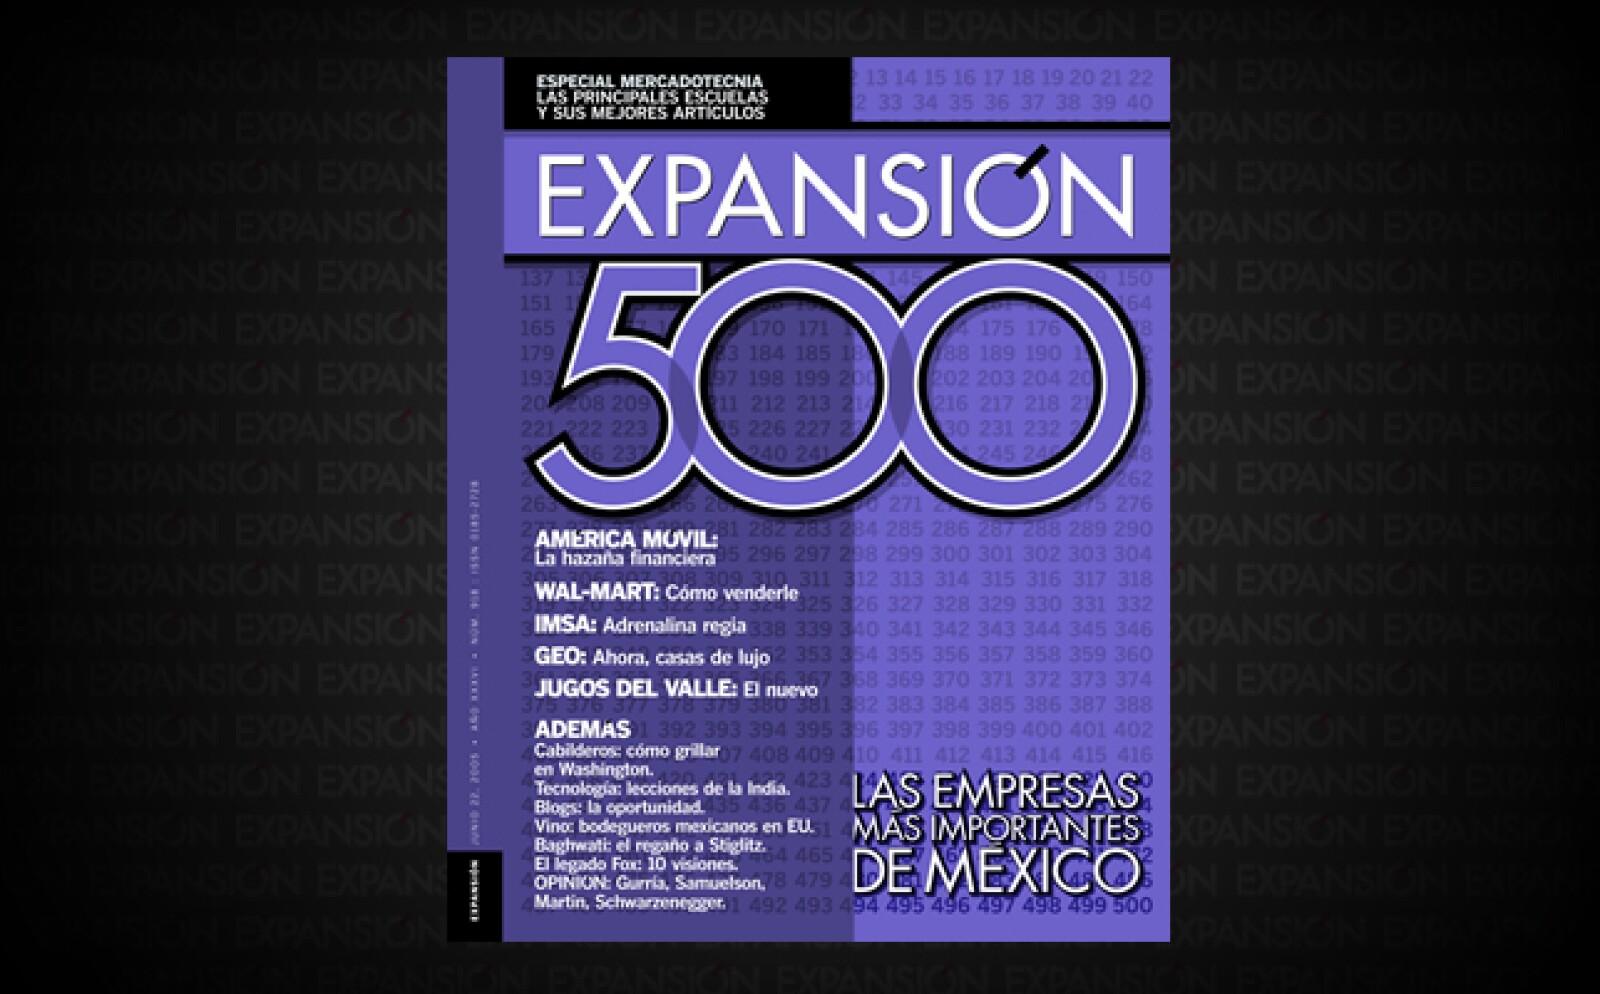 Gobierno corporativo era el tema que comenzaba a ser parte de la agenda empresarial luego del caso Enron. Jugos del Valle, una de 'Las 500', era pionera y Expansión contó la historia.